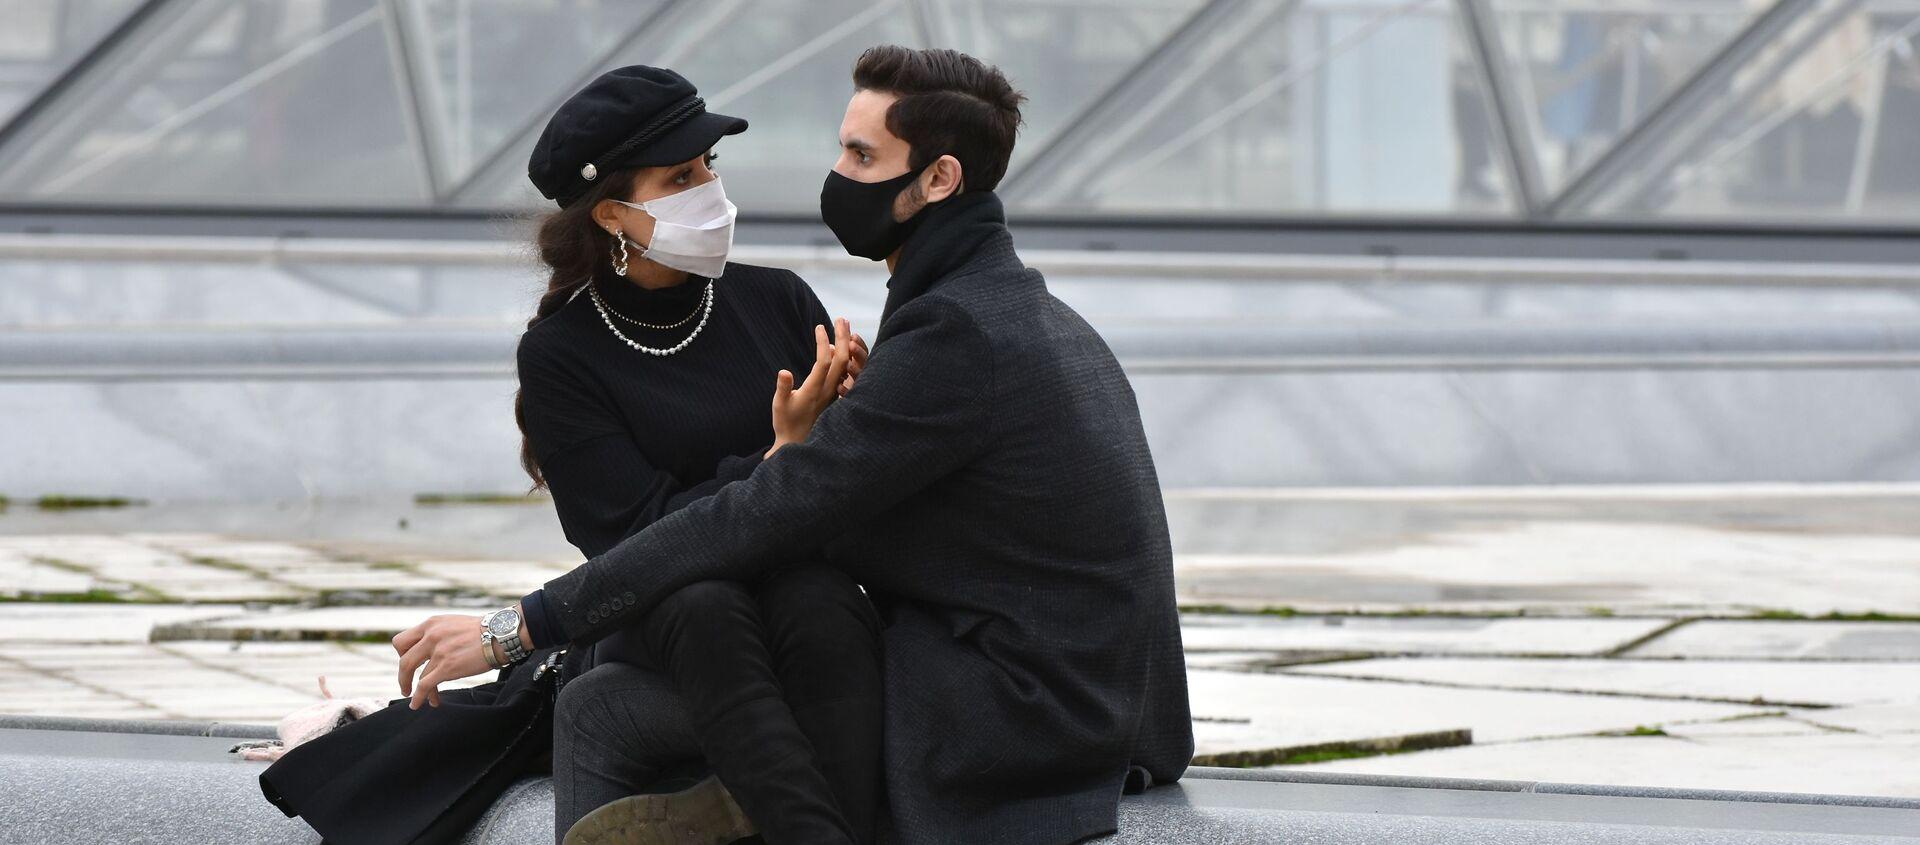 パリのルーブル美術館前でマスク姿の若者たち - Sputnik 日本, 1920, 22.06.2021